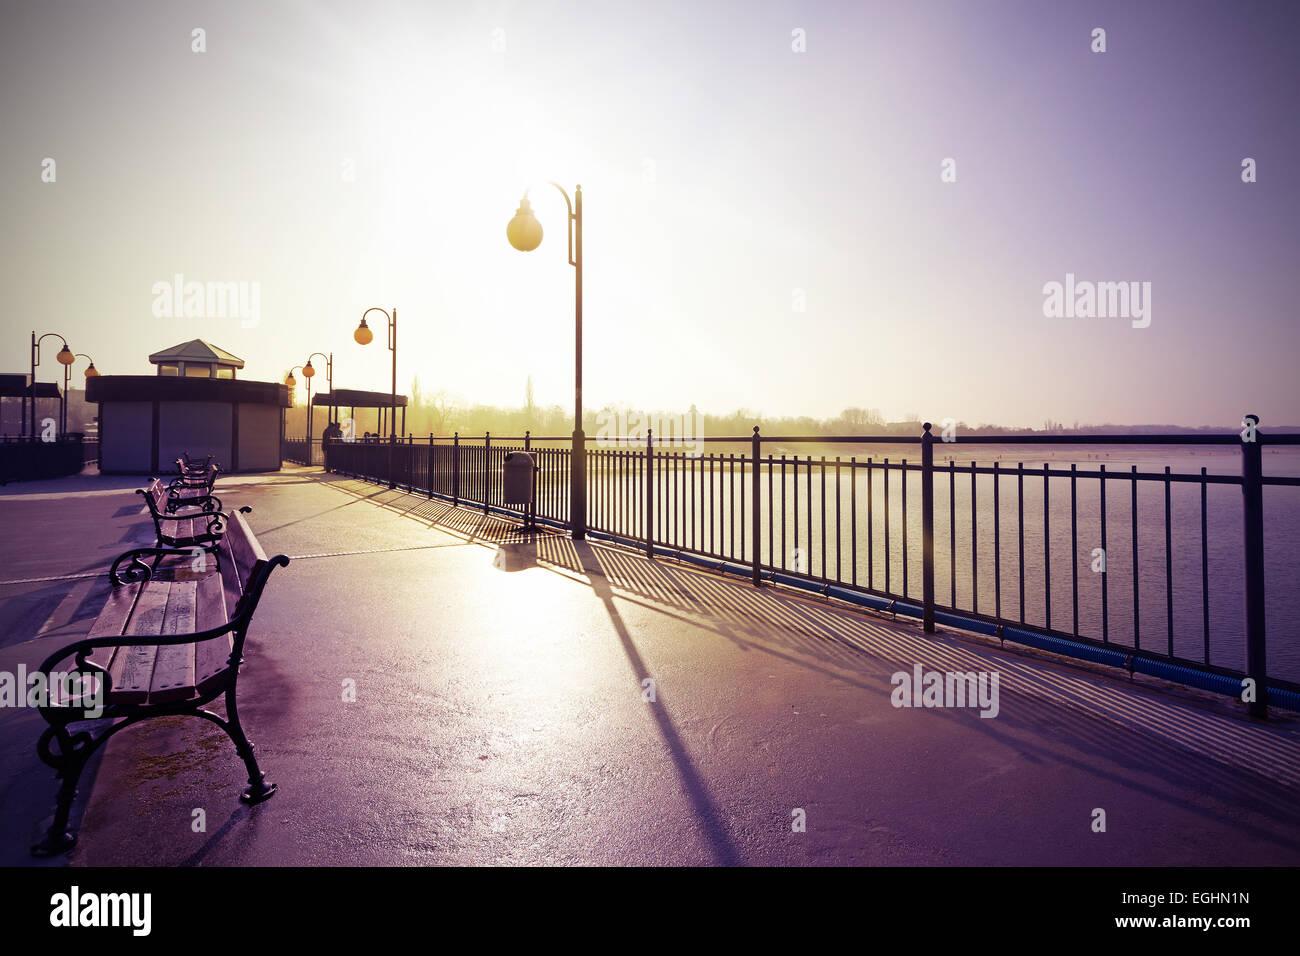 Retro Vintage nostalgique filtré photo de promenade contre le soleil. Photo Stock